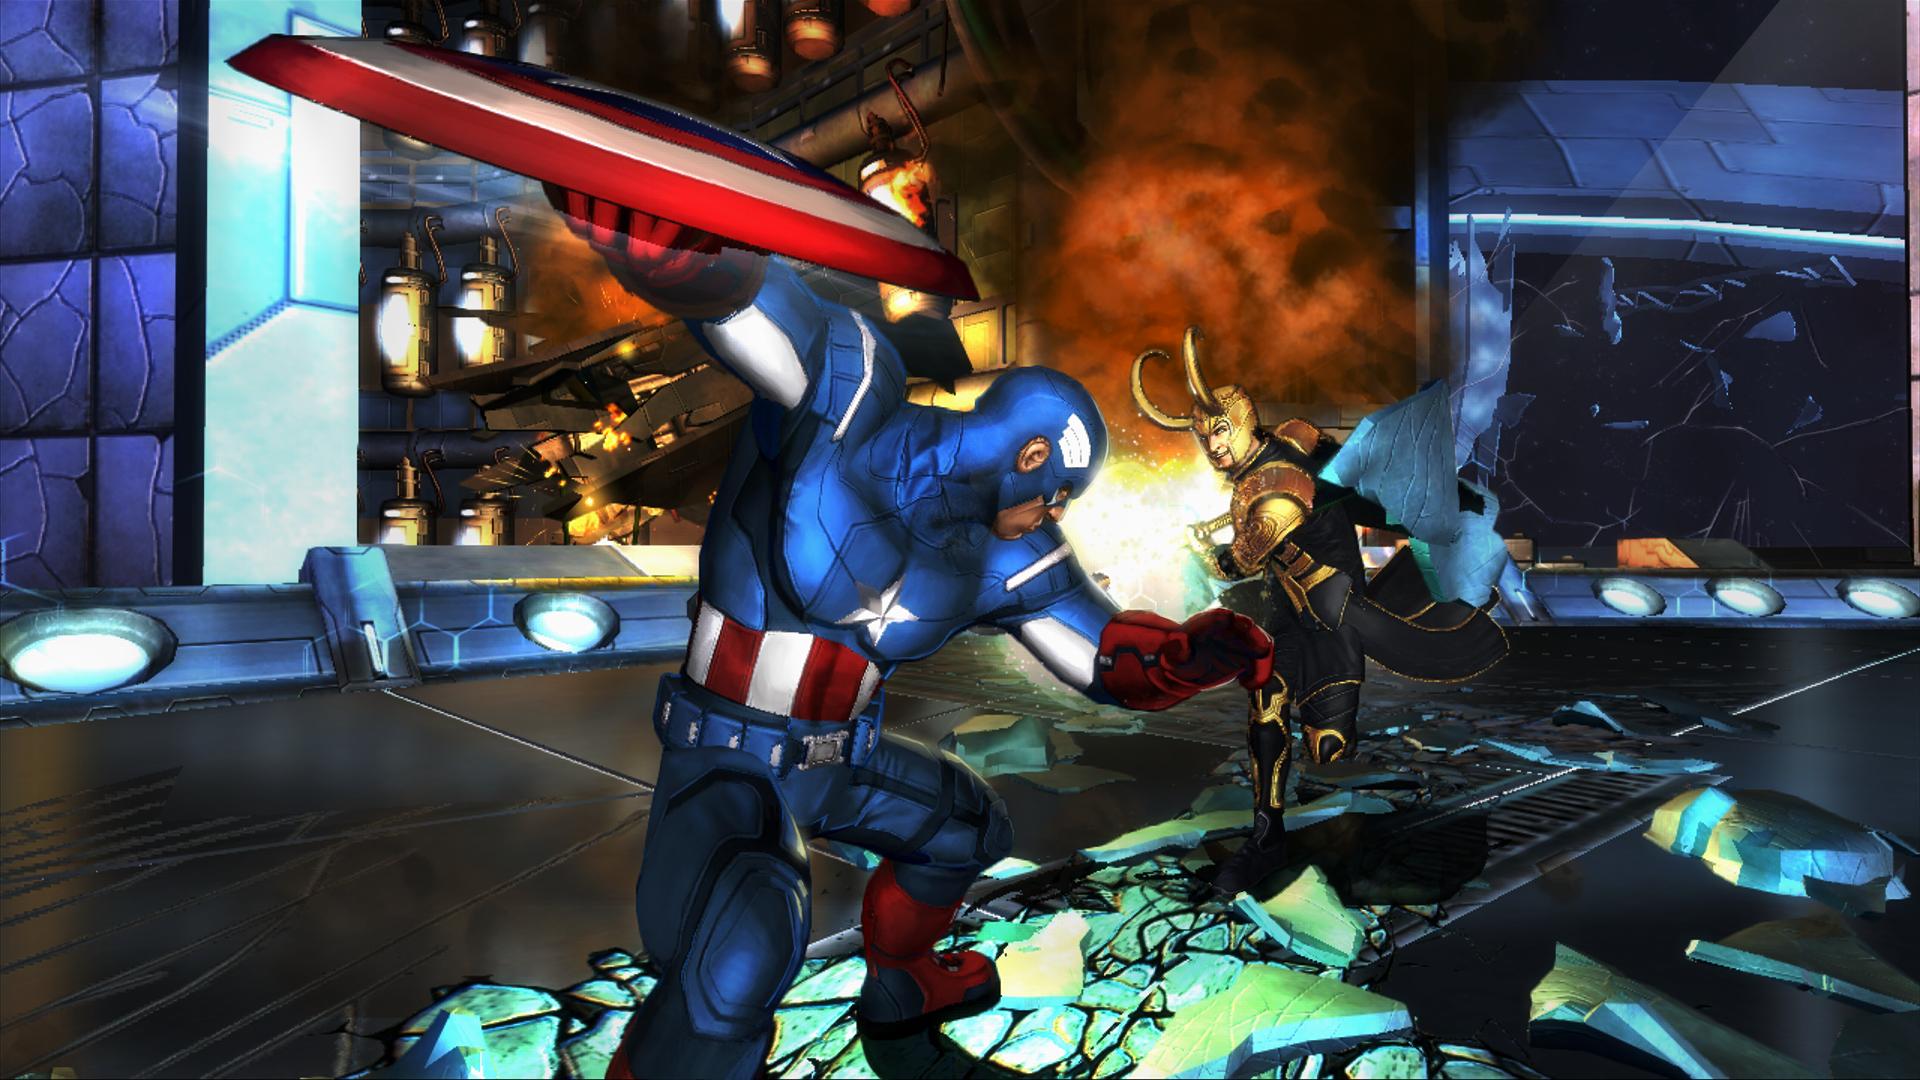 Capt_vs_Loki